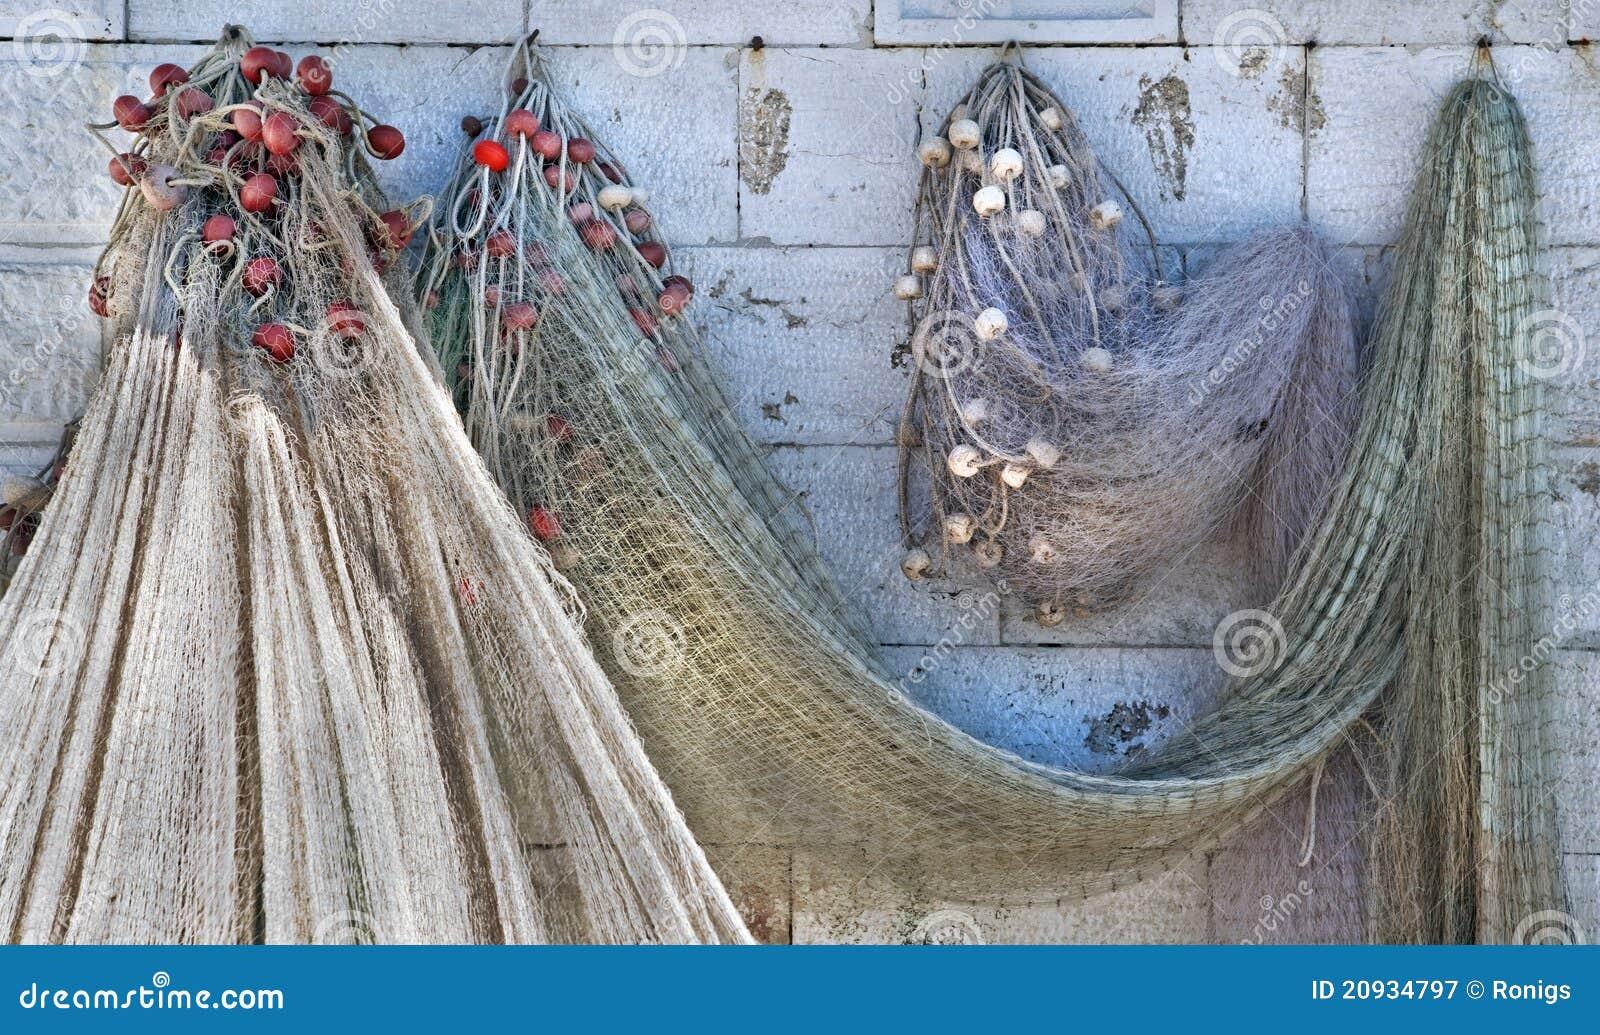 Reti da pesca fotografia stock libera da diritti - Rete da pesca per decorazioni ...